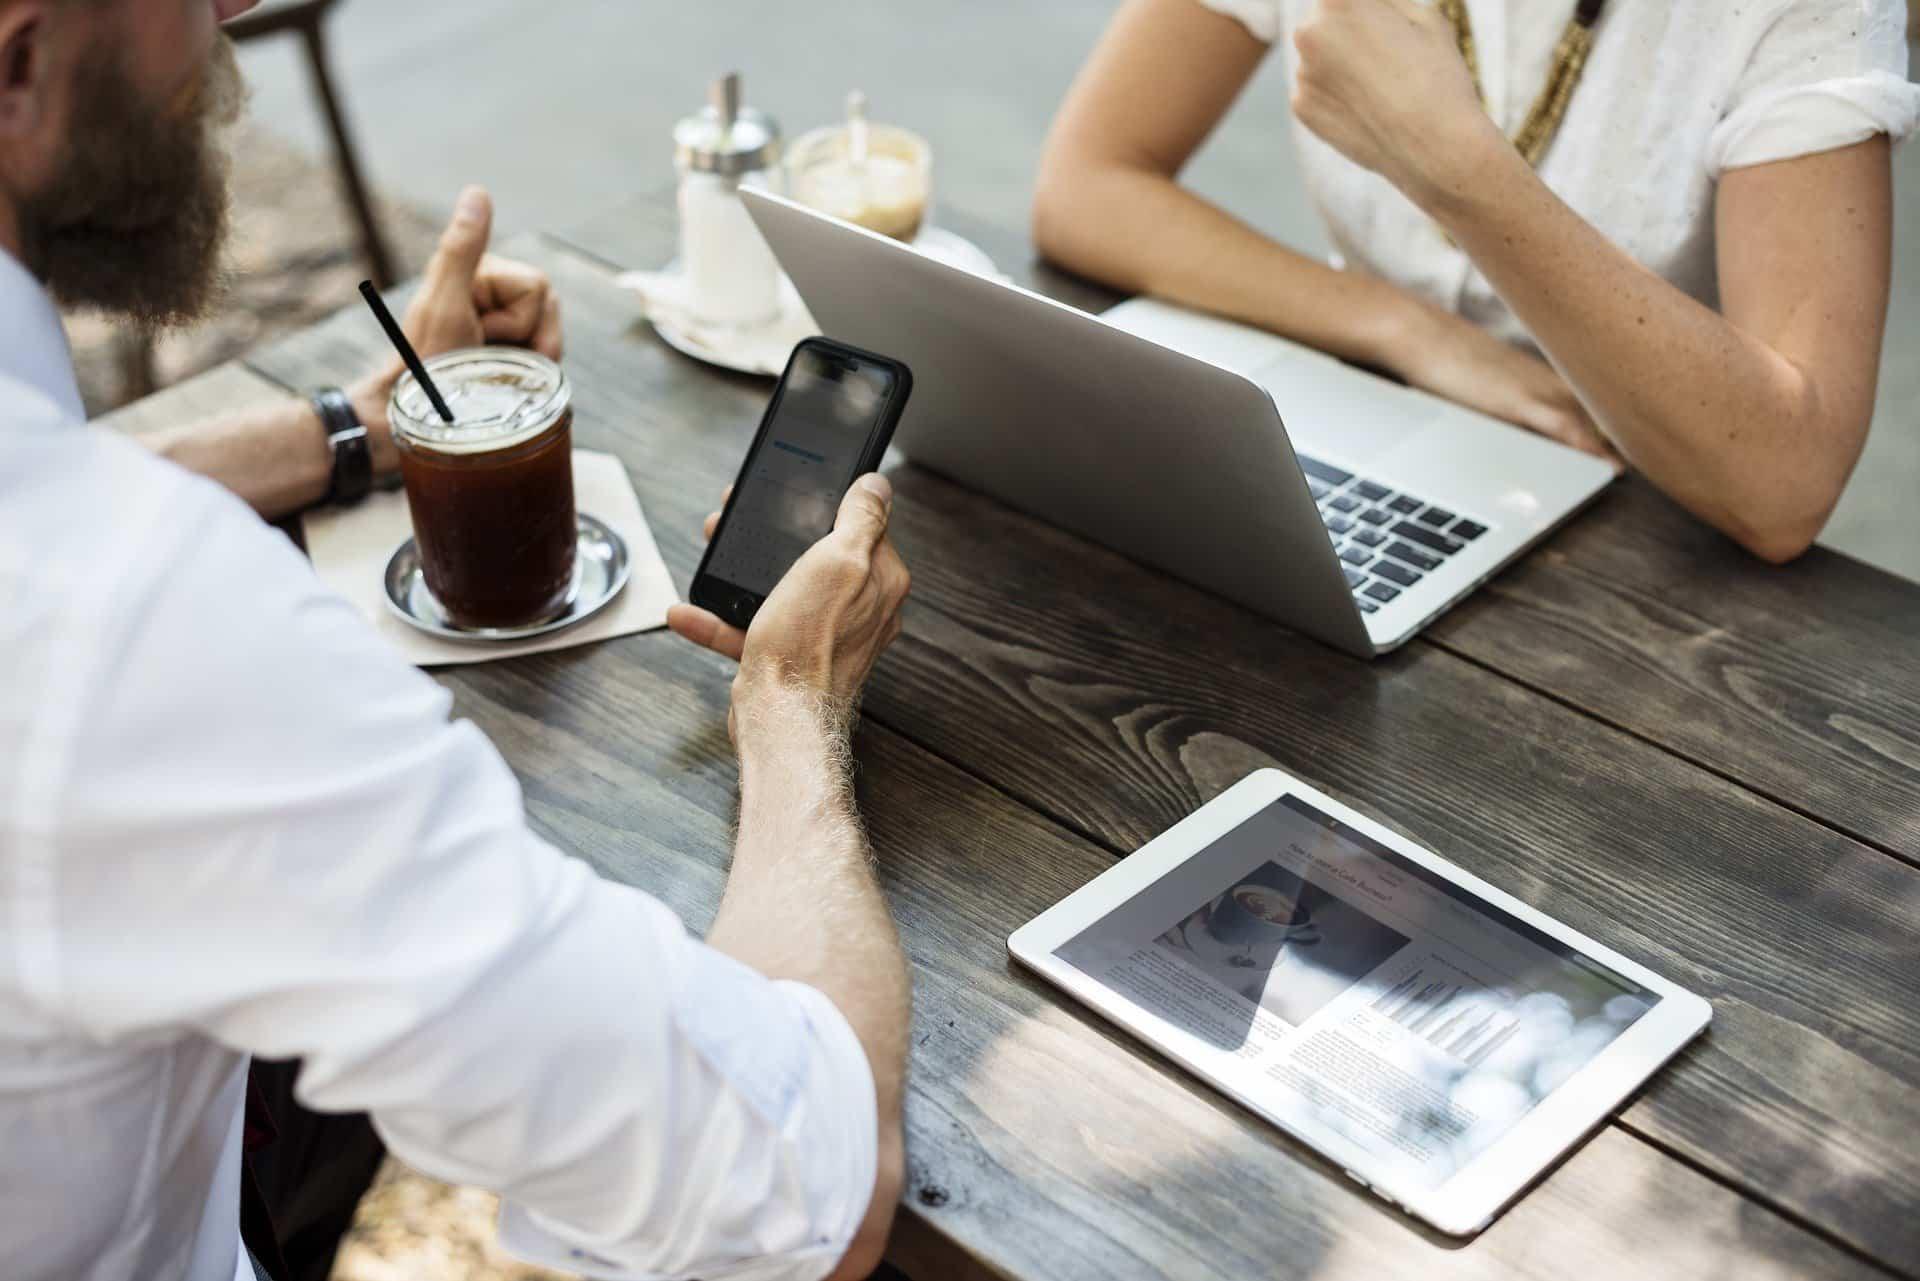 video marketing empresas - Video Marketing, la nueva herramienta de marketing online que ninguna empresa debe perderse